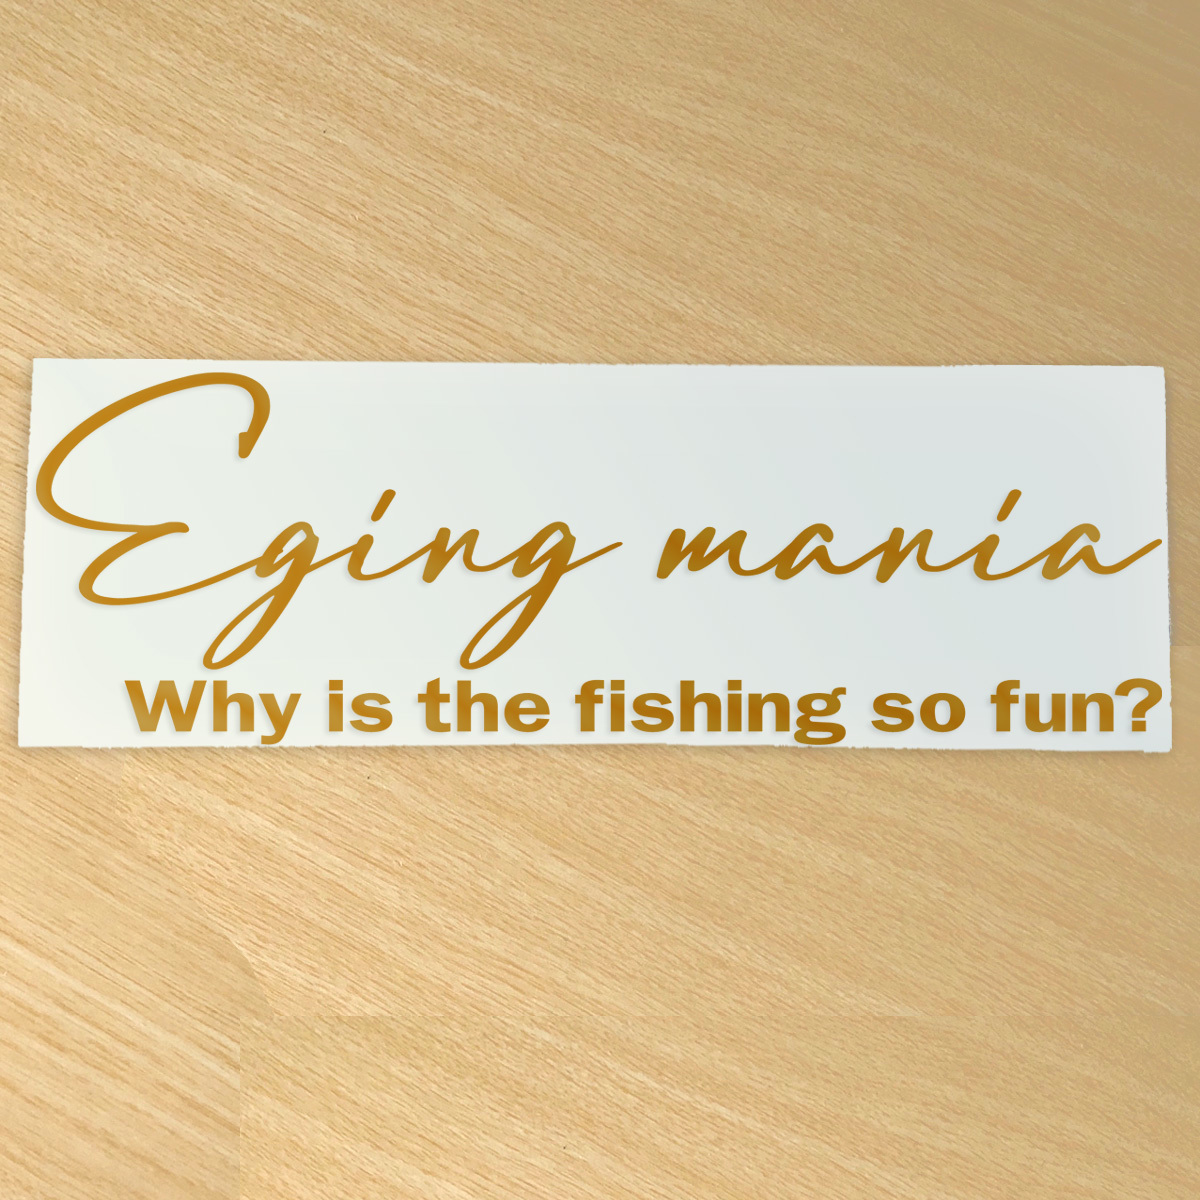 Sportsmindではなくて、エギングマニア 餌木釣りステッカー Why is the fishing so fun?どうして釣りはこんなに楽しいのか?NO521E_画像3